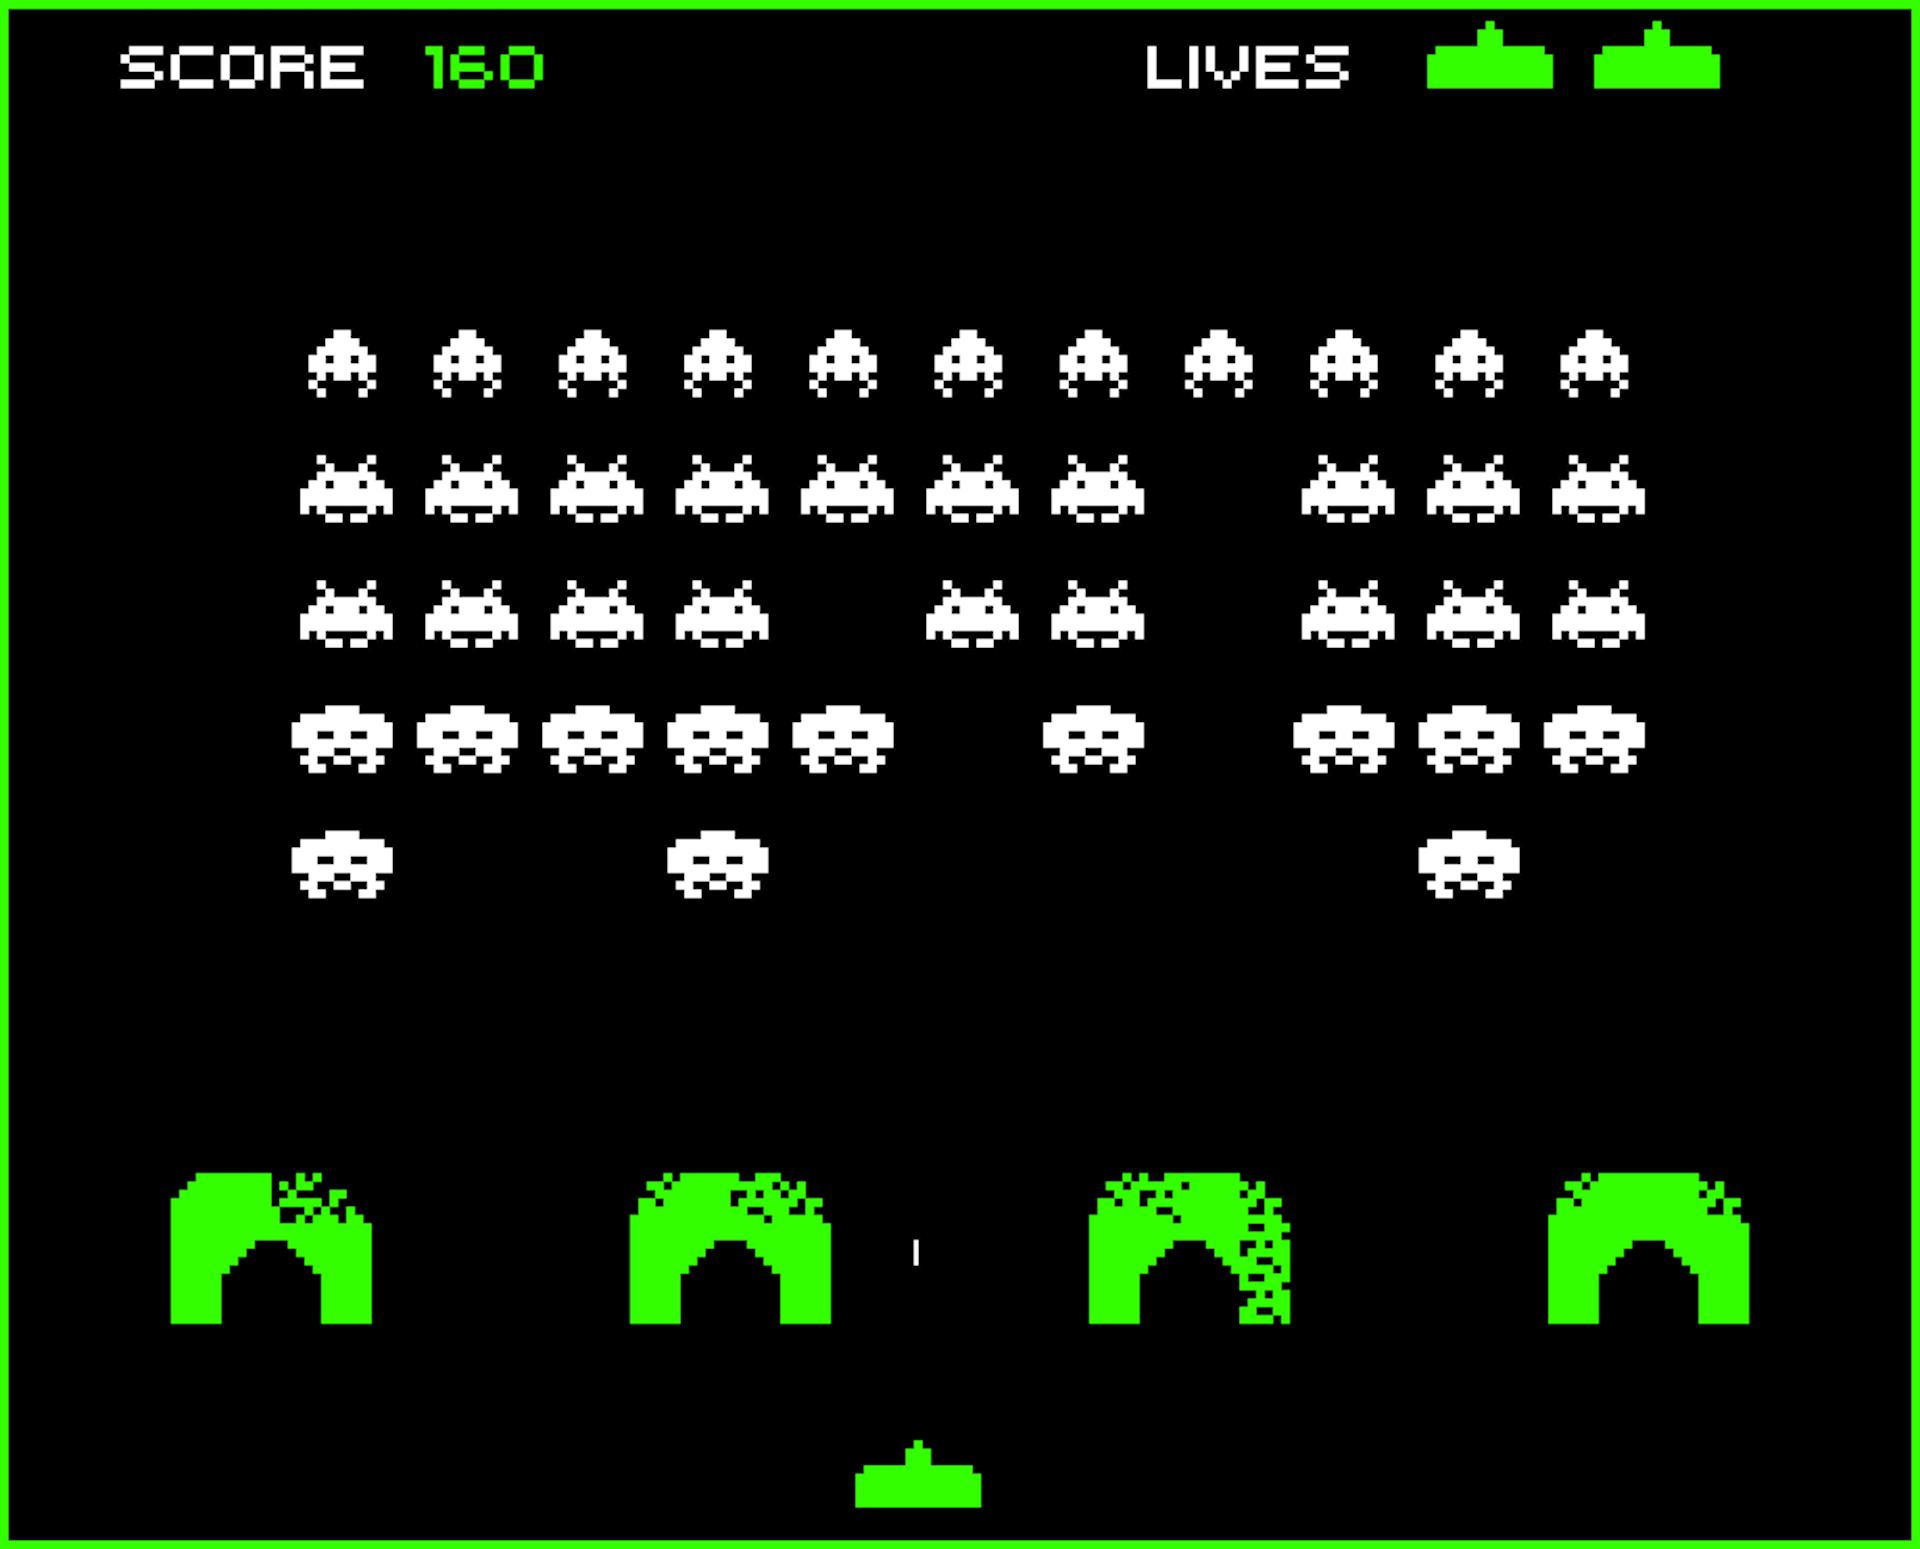 تعرف على تاريخ الألعاب الرقمية